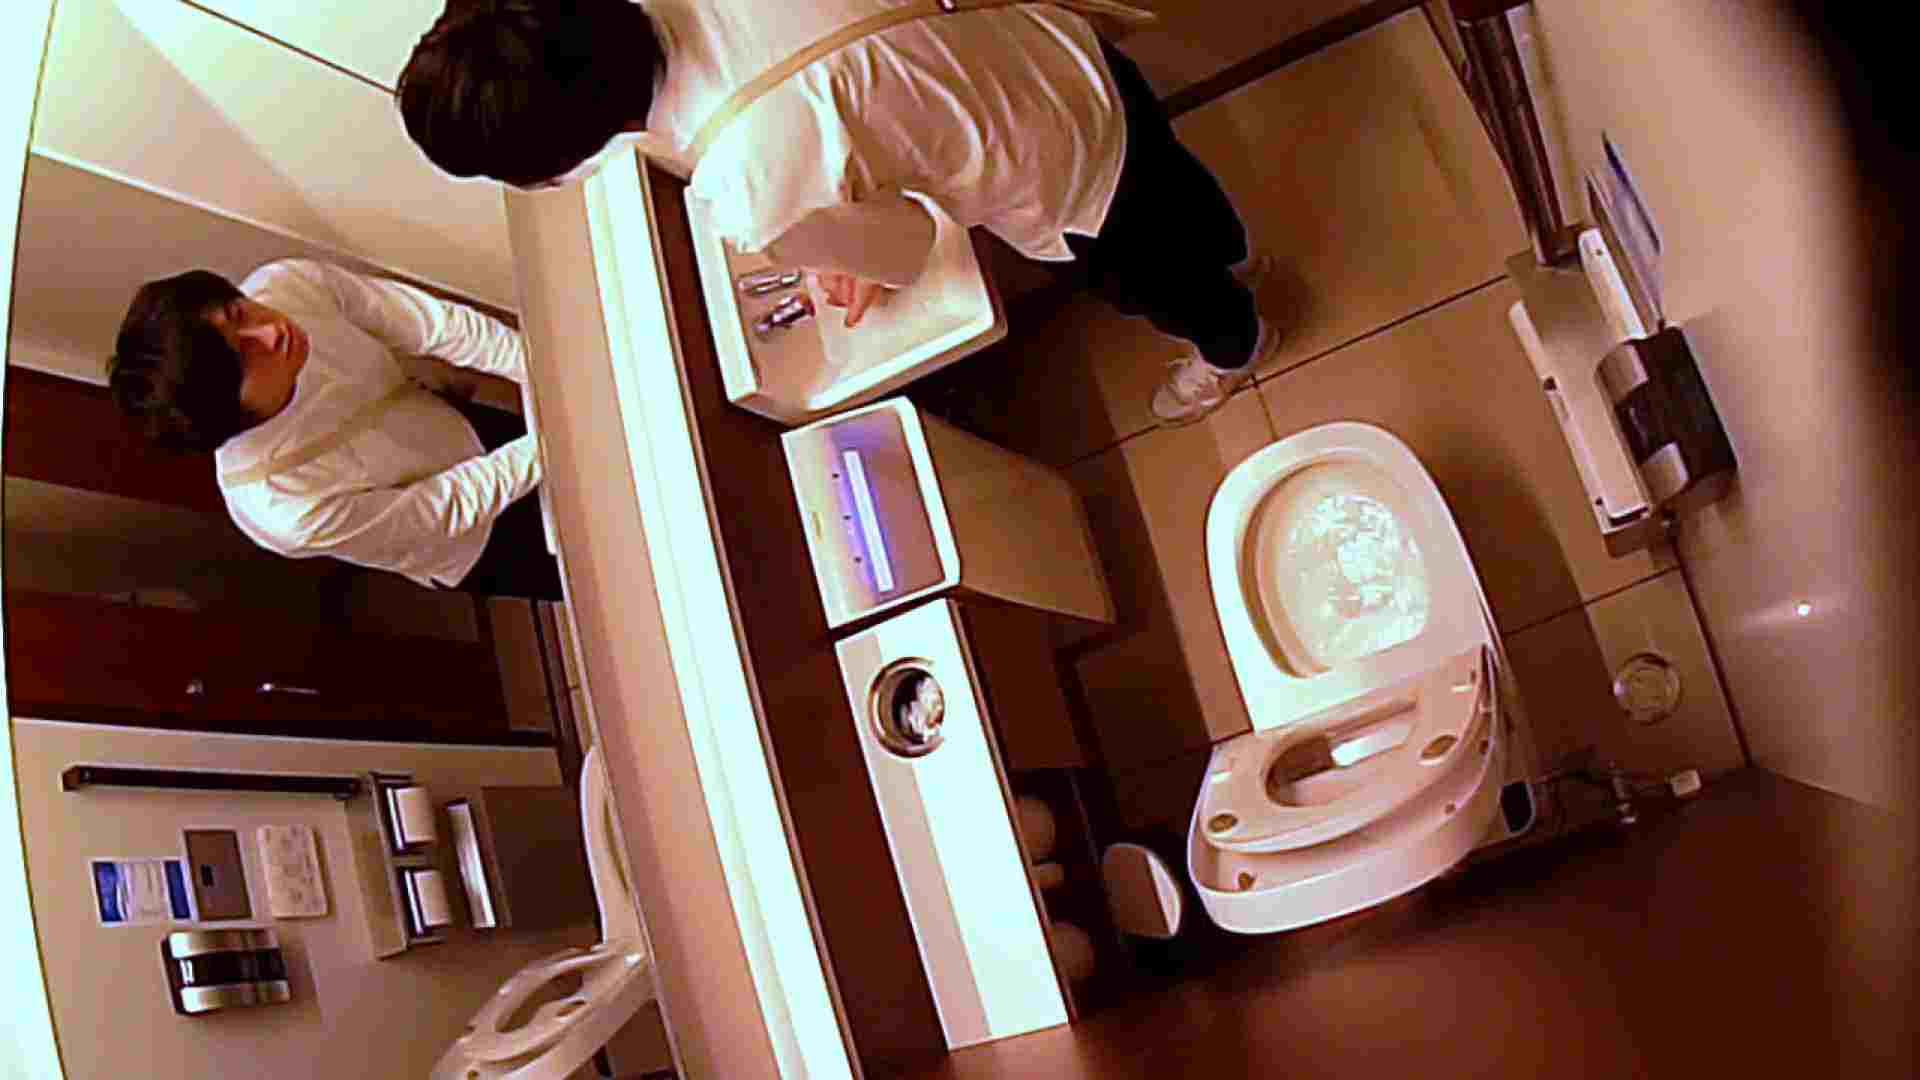 すみませんが覗かせてください Vol.32 トイレ | 0  102pic 7